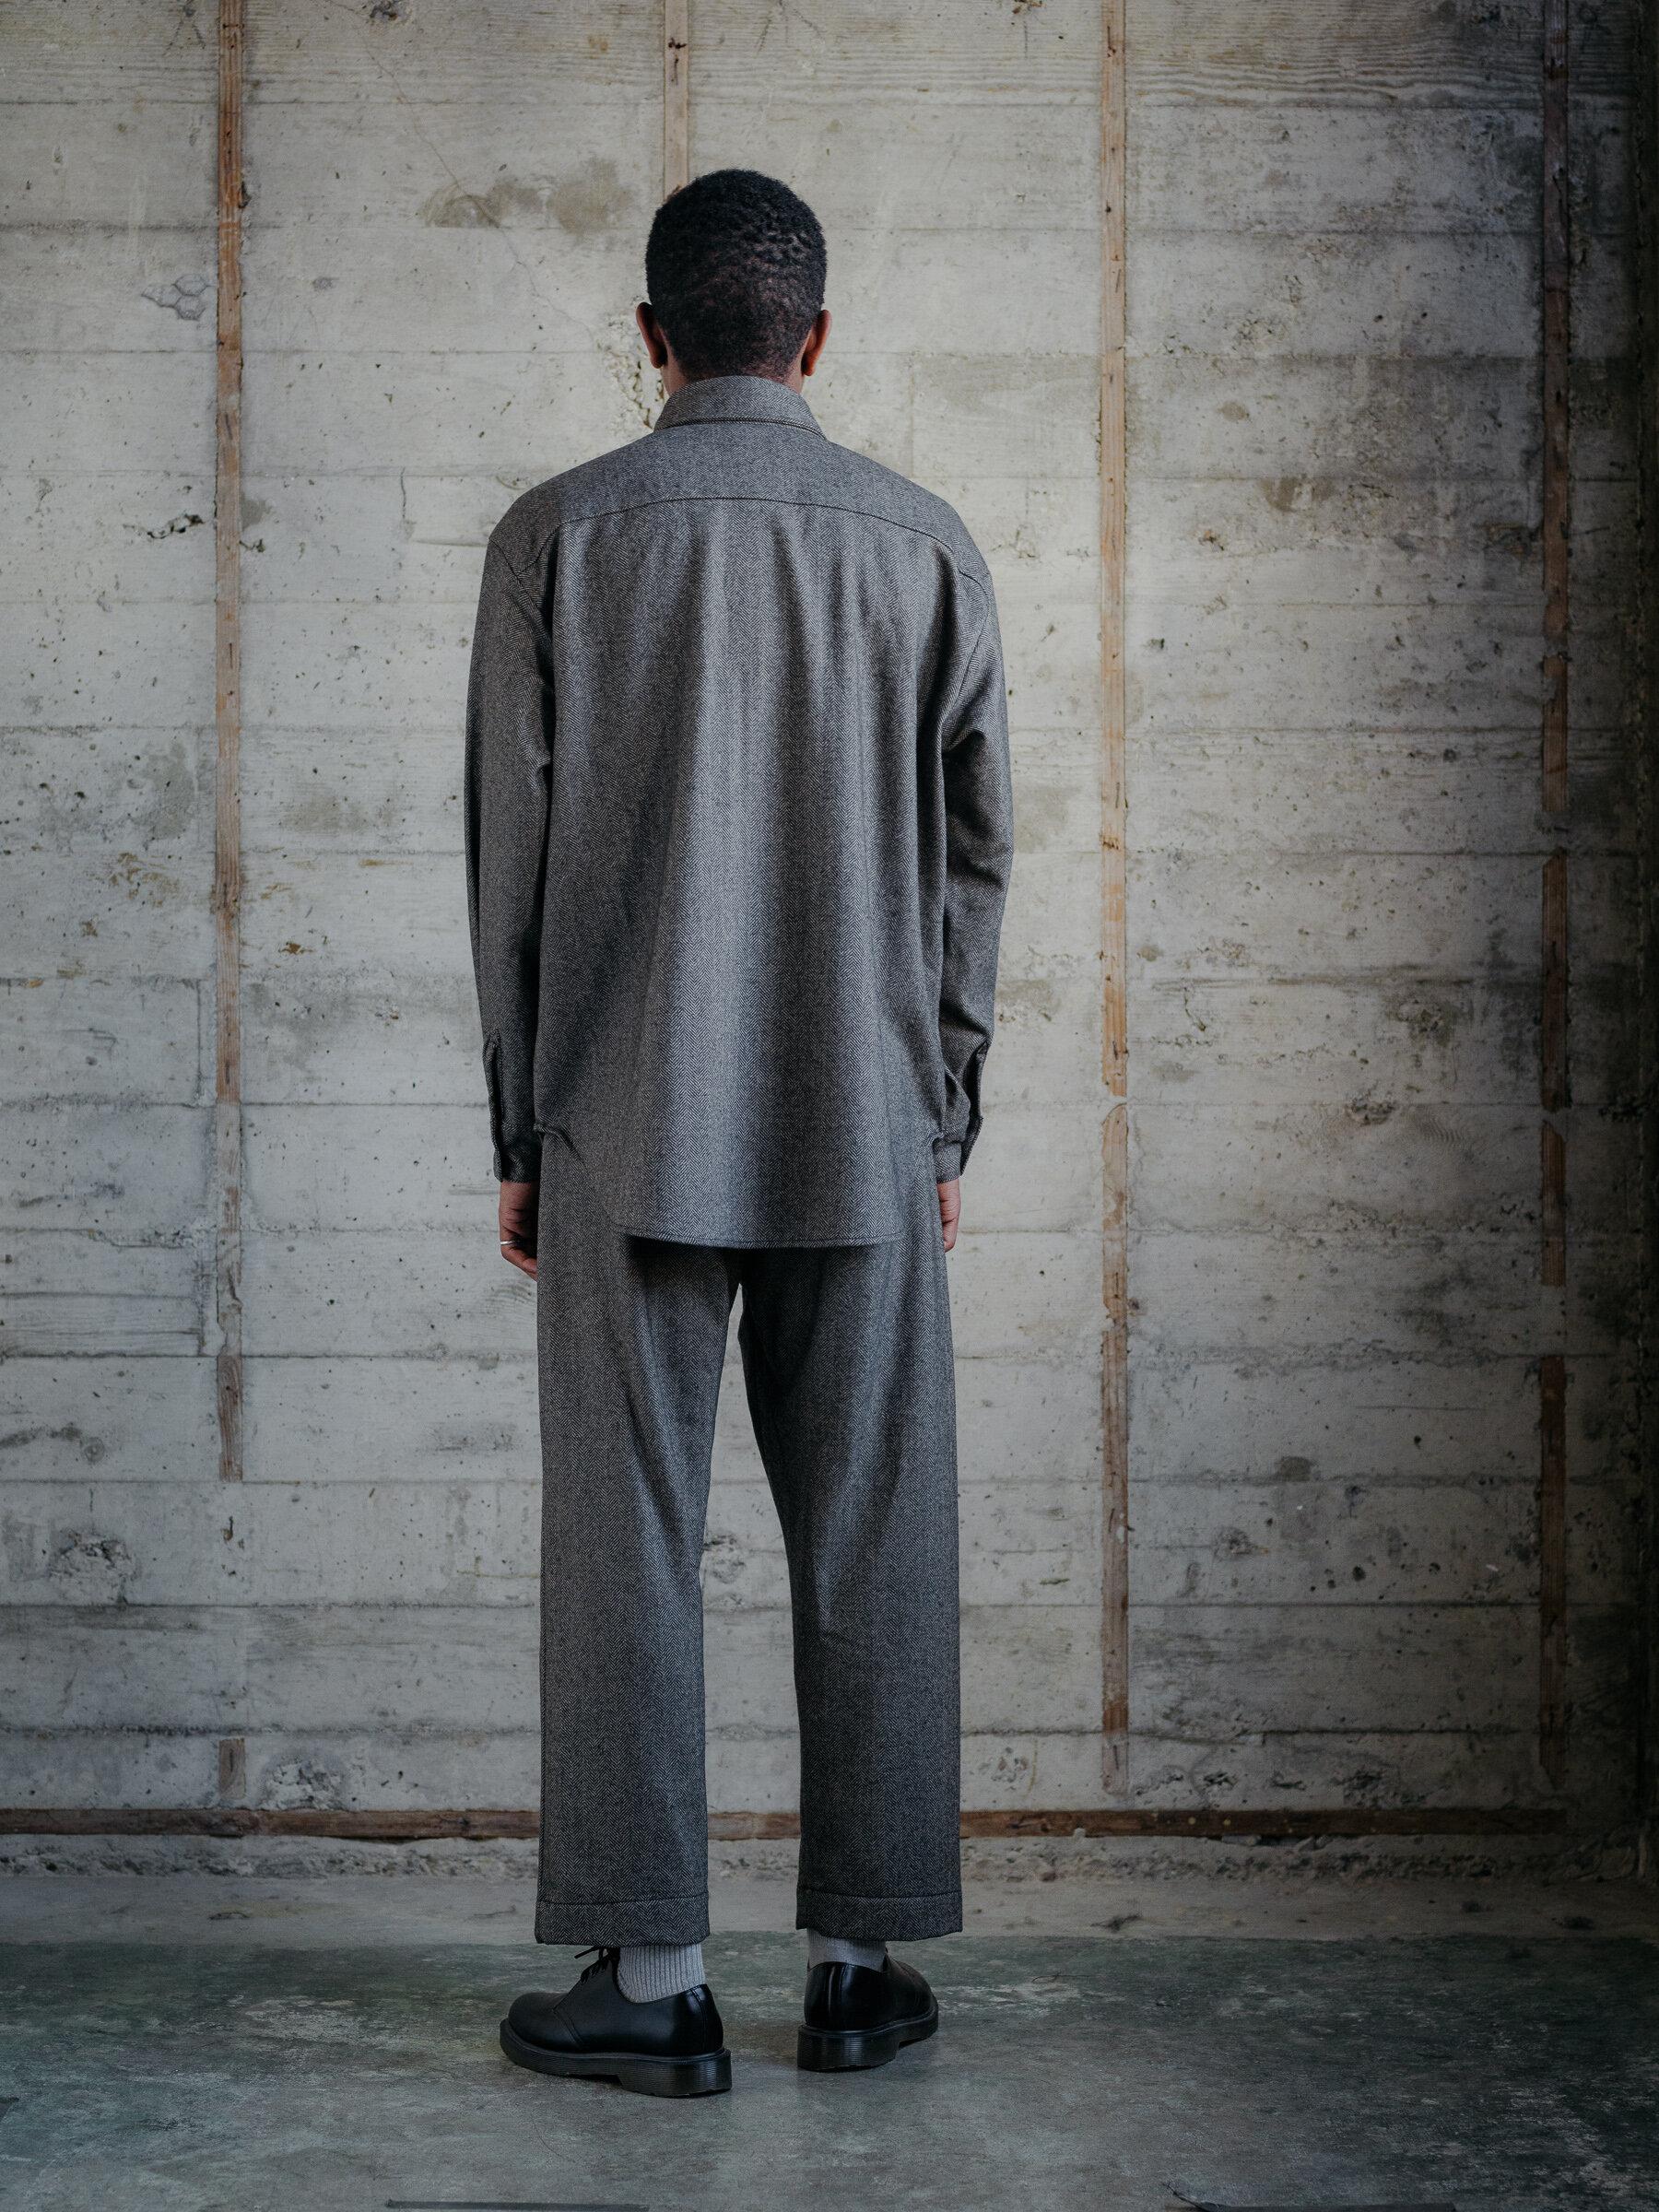 evan-kinori-big-shirt-cashmere-lambswool-herringbone-woven-england-4